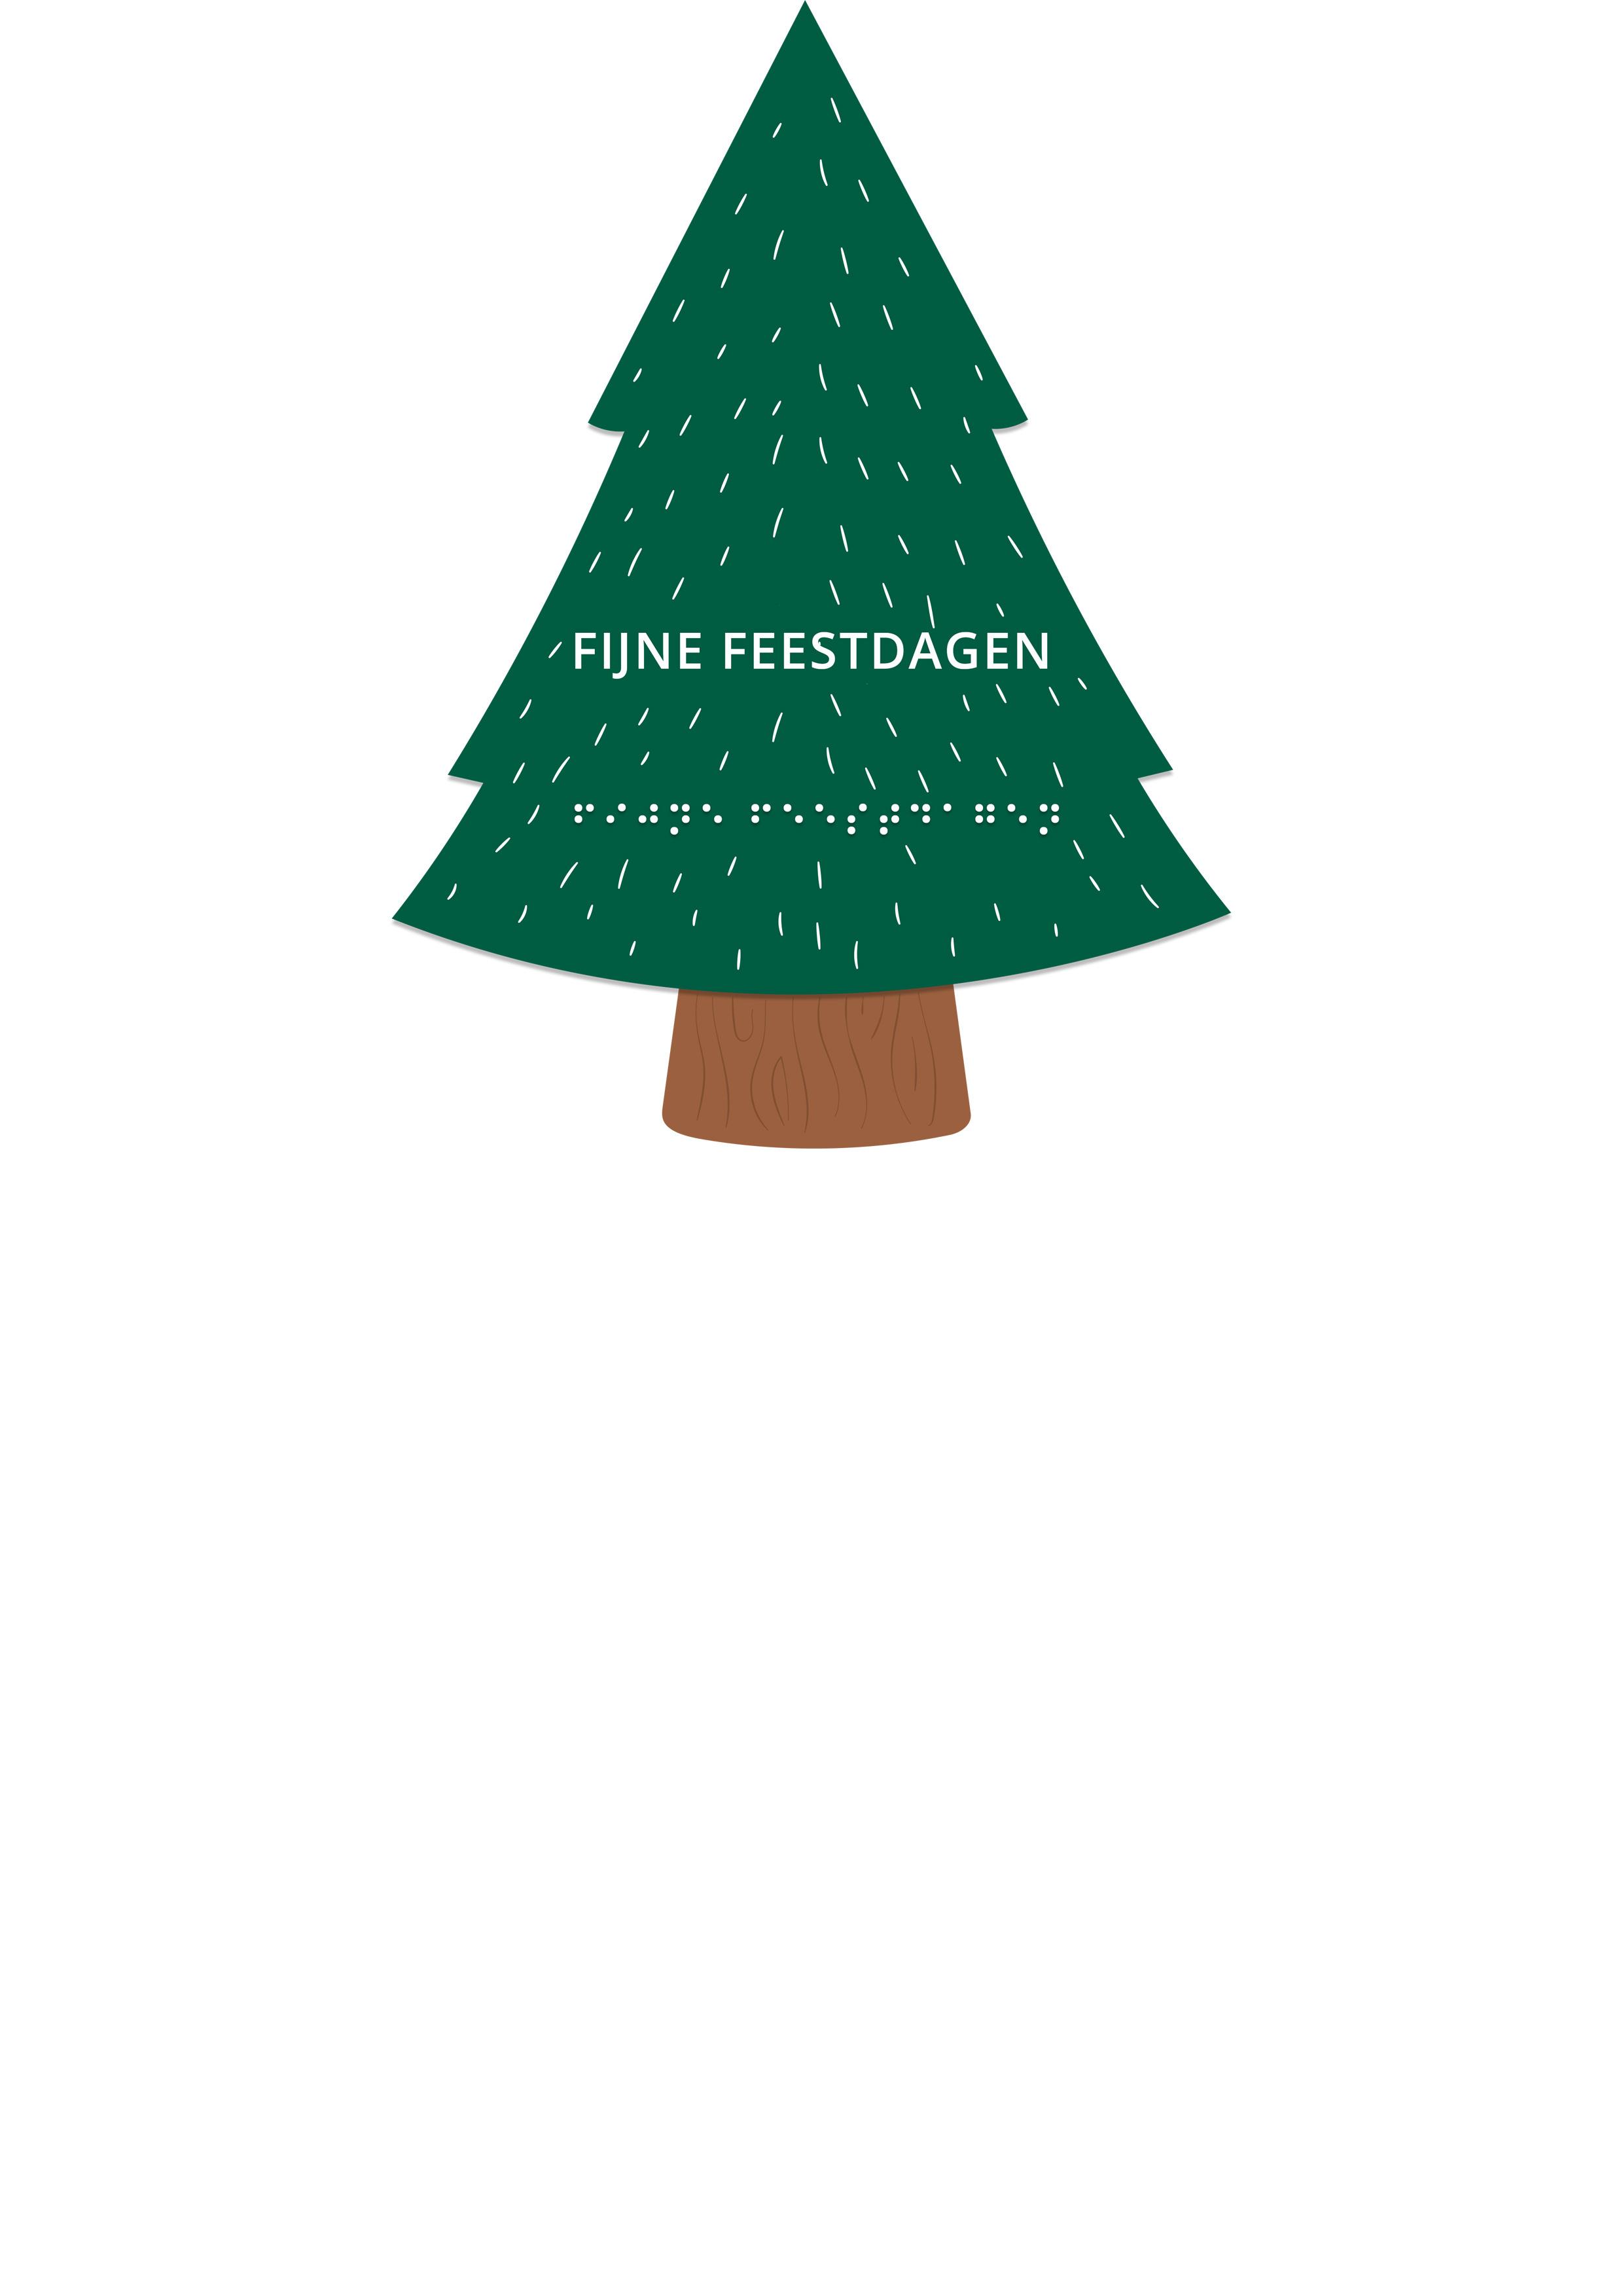 Voelbare kerstkaart in de vorm van een kerstboom met reliëf en voorzien van een lint. De tekst in braille:Fijne Feestdagen.